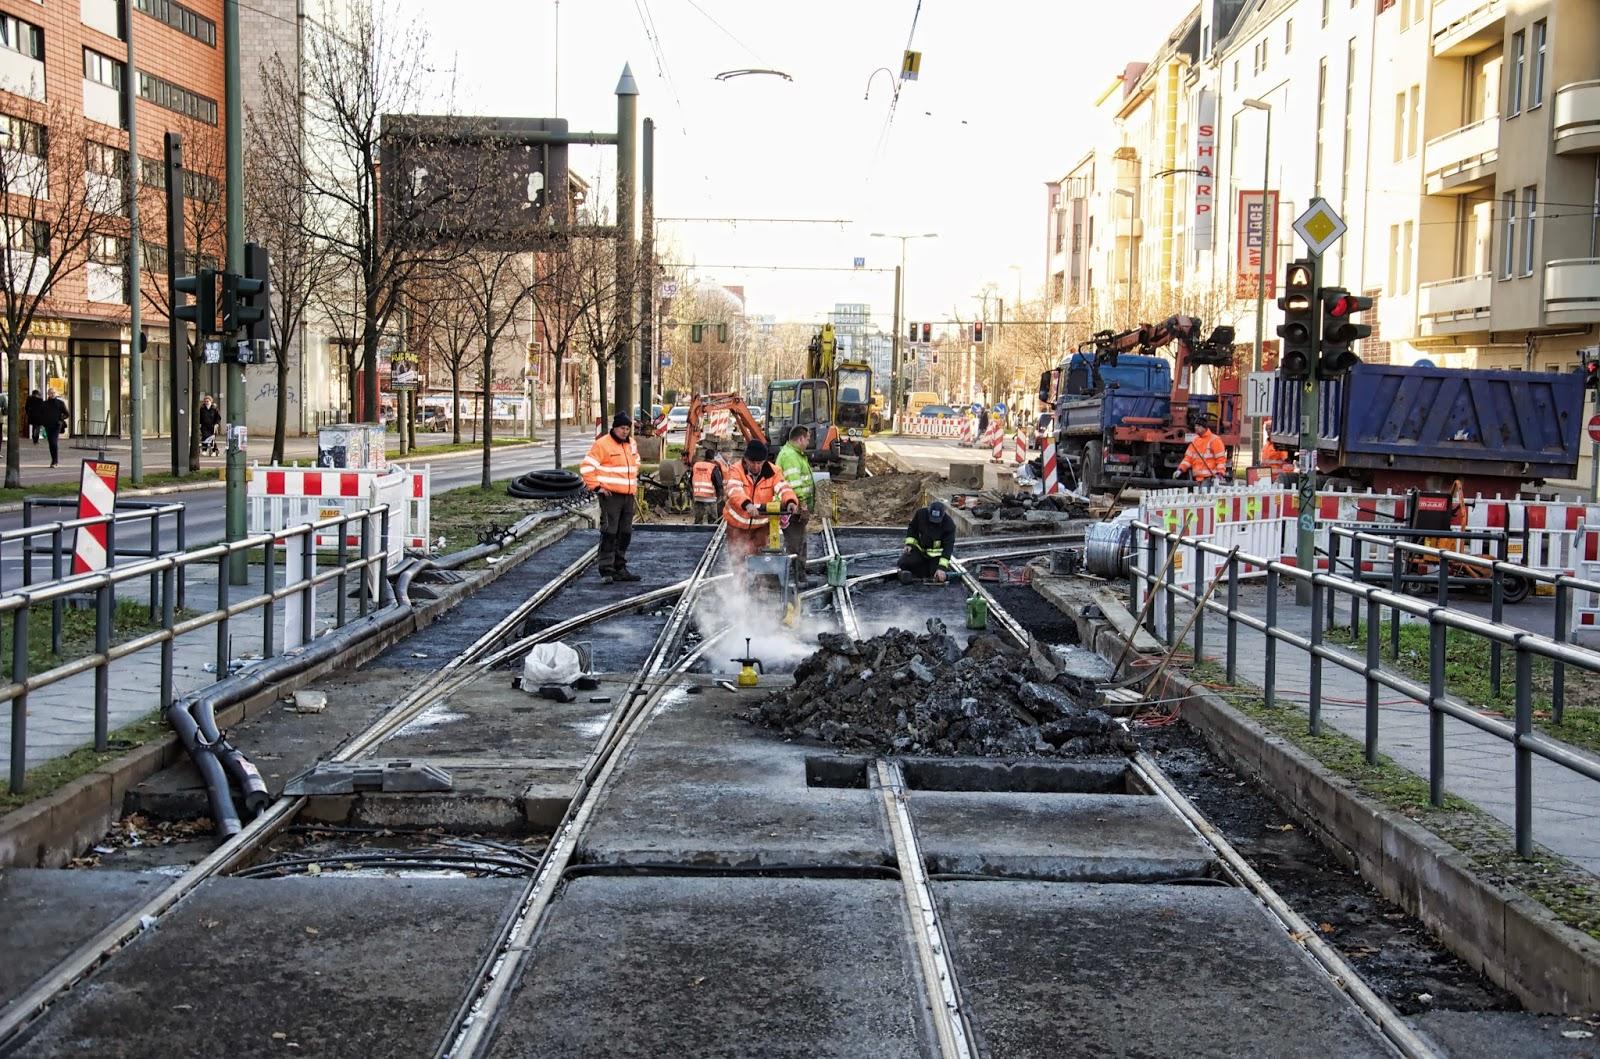 Baustelle Gleisarbeiten, Landsberger Alle, Höhe Langenbeckstraße, 10249 Berlin, 25.11.2013